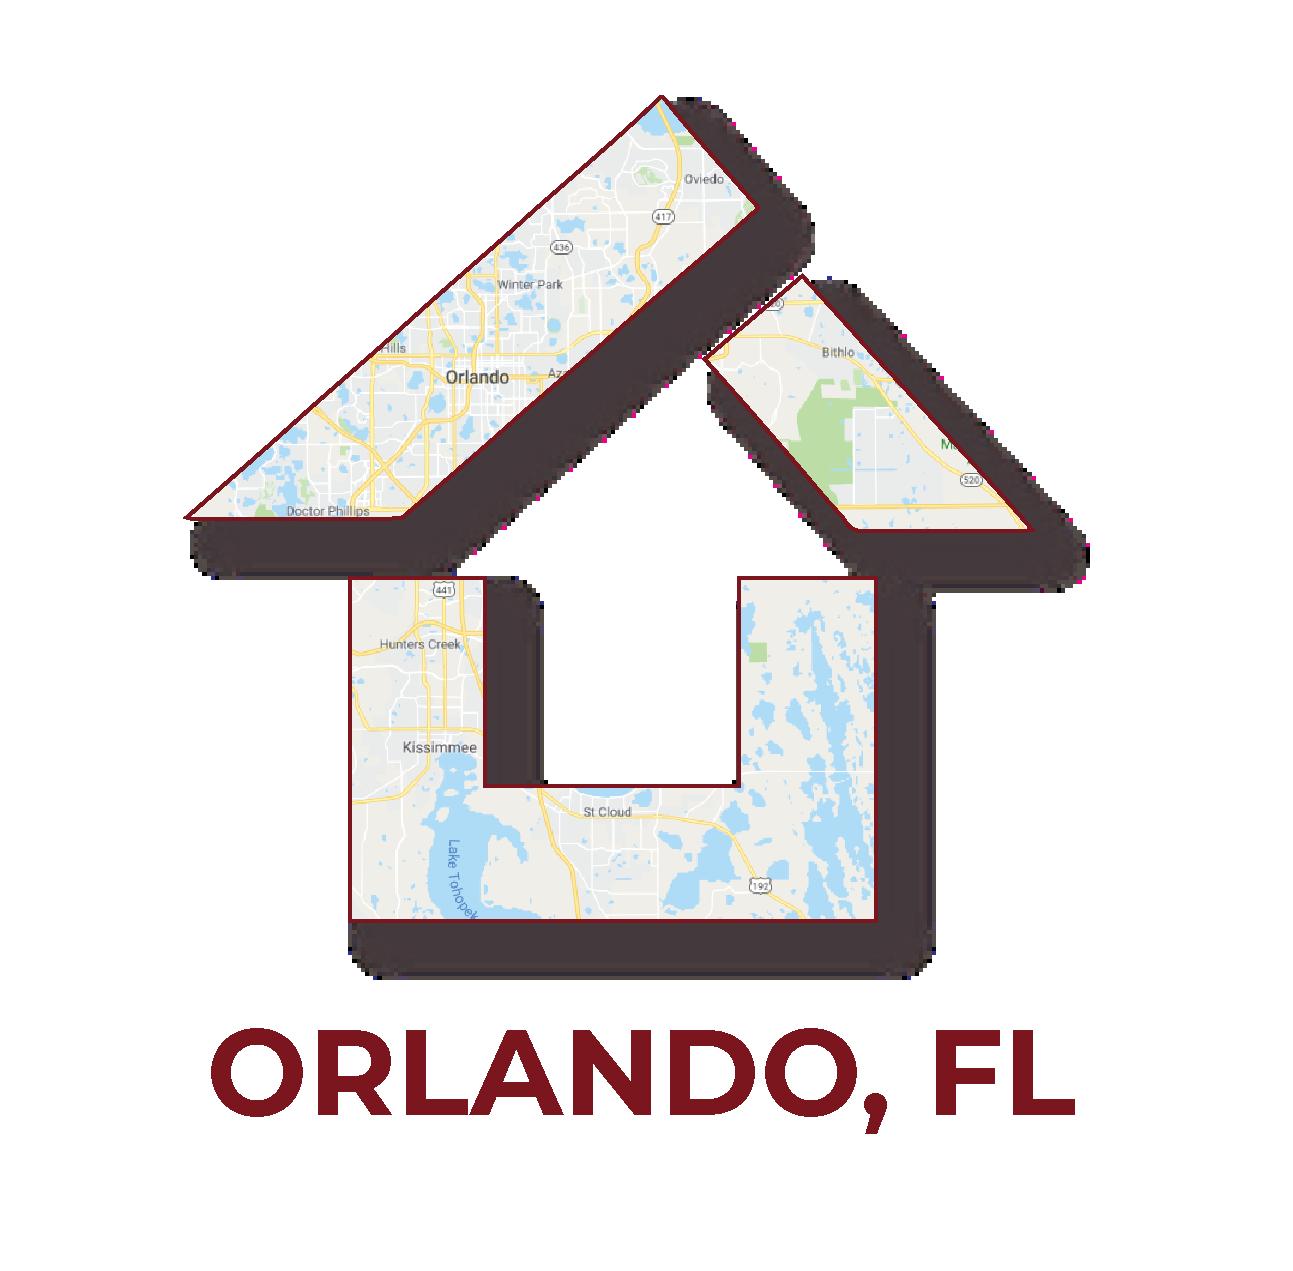 Orlando, Florida Branch